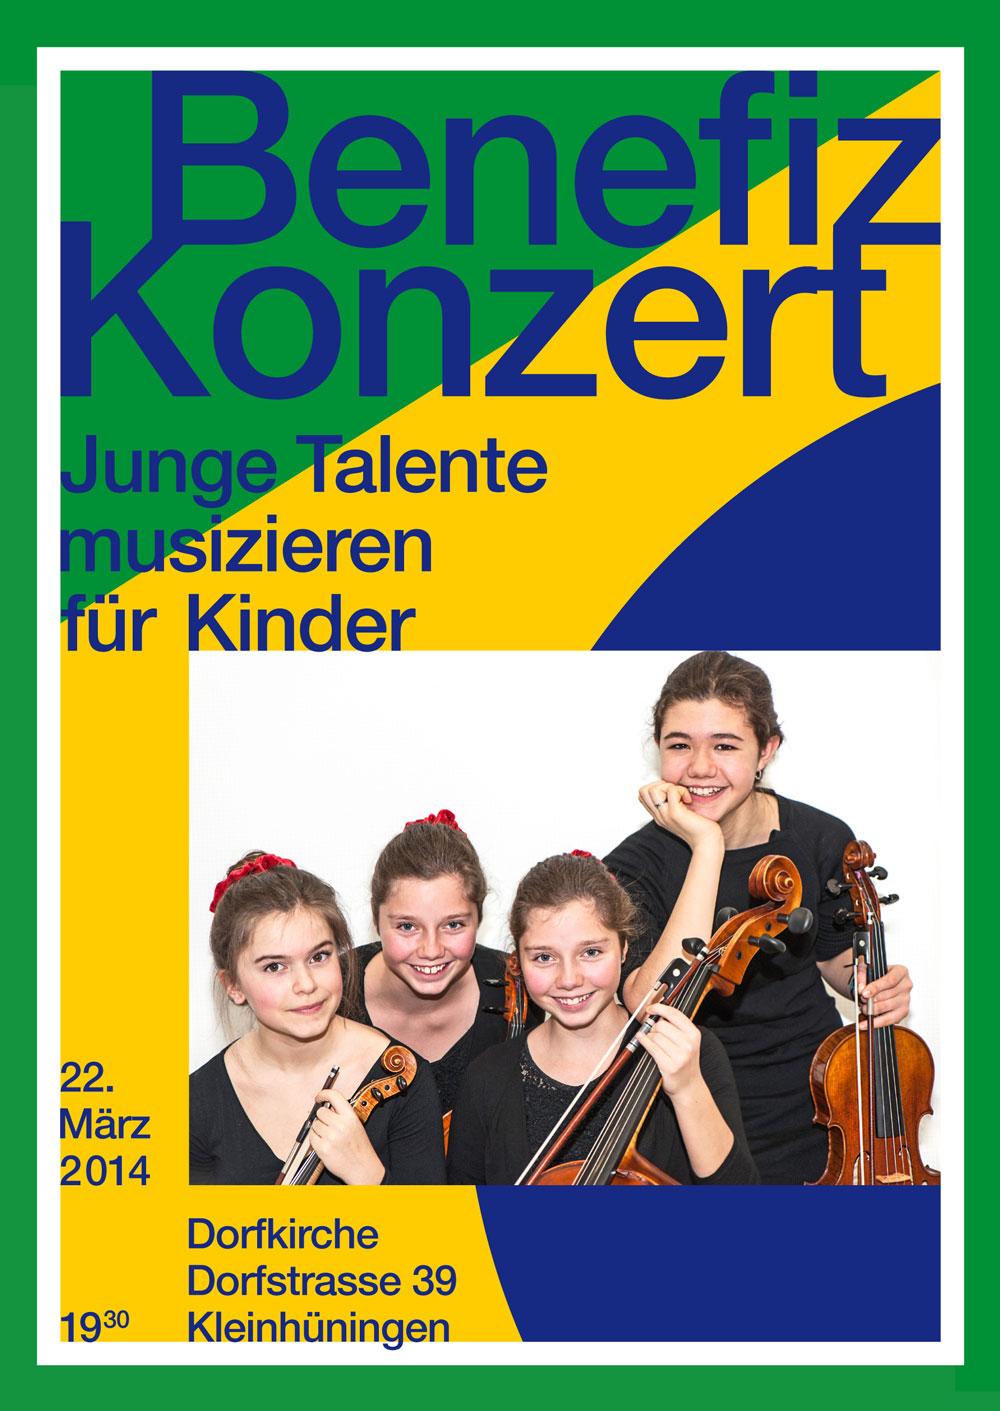 Junge Talente musizieren für Kinder, 22. März 2014